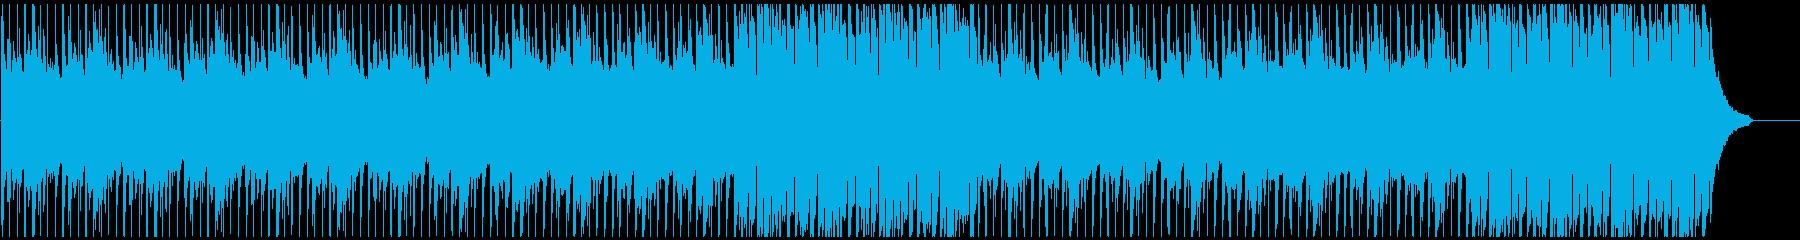 企業VP・旅行 わくわく ピアノメインの再生済みの波形